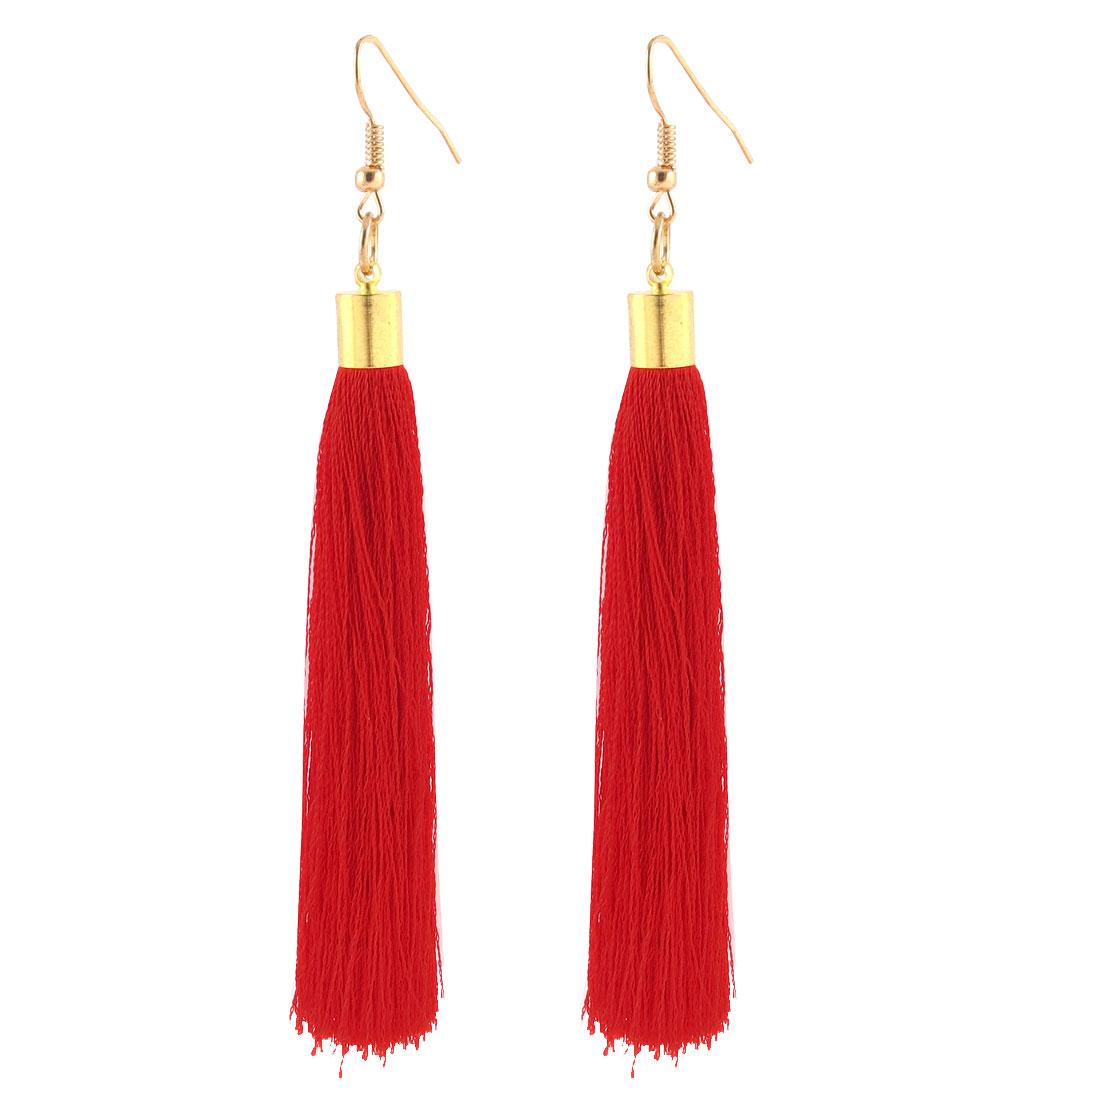 Dangle Fish Hook Nylon Tassel Fringed Earrings Pair Red